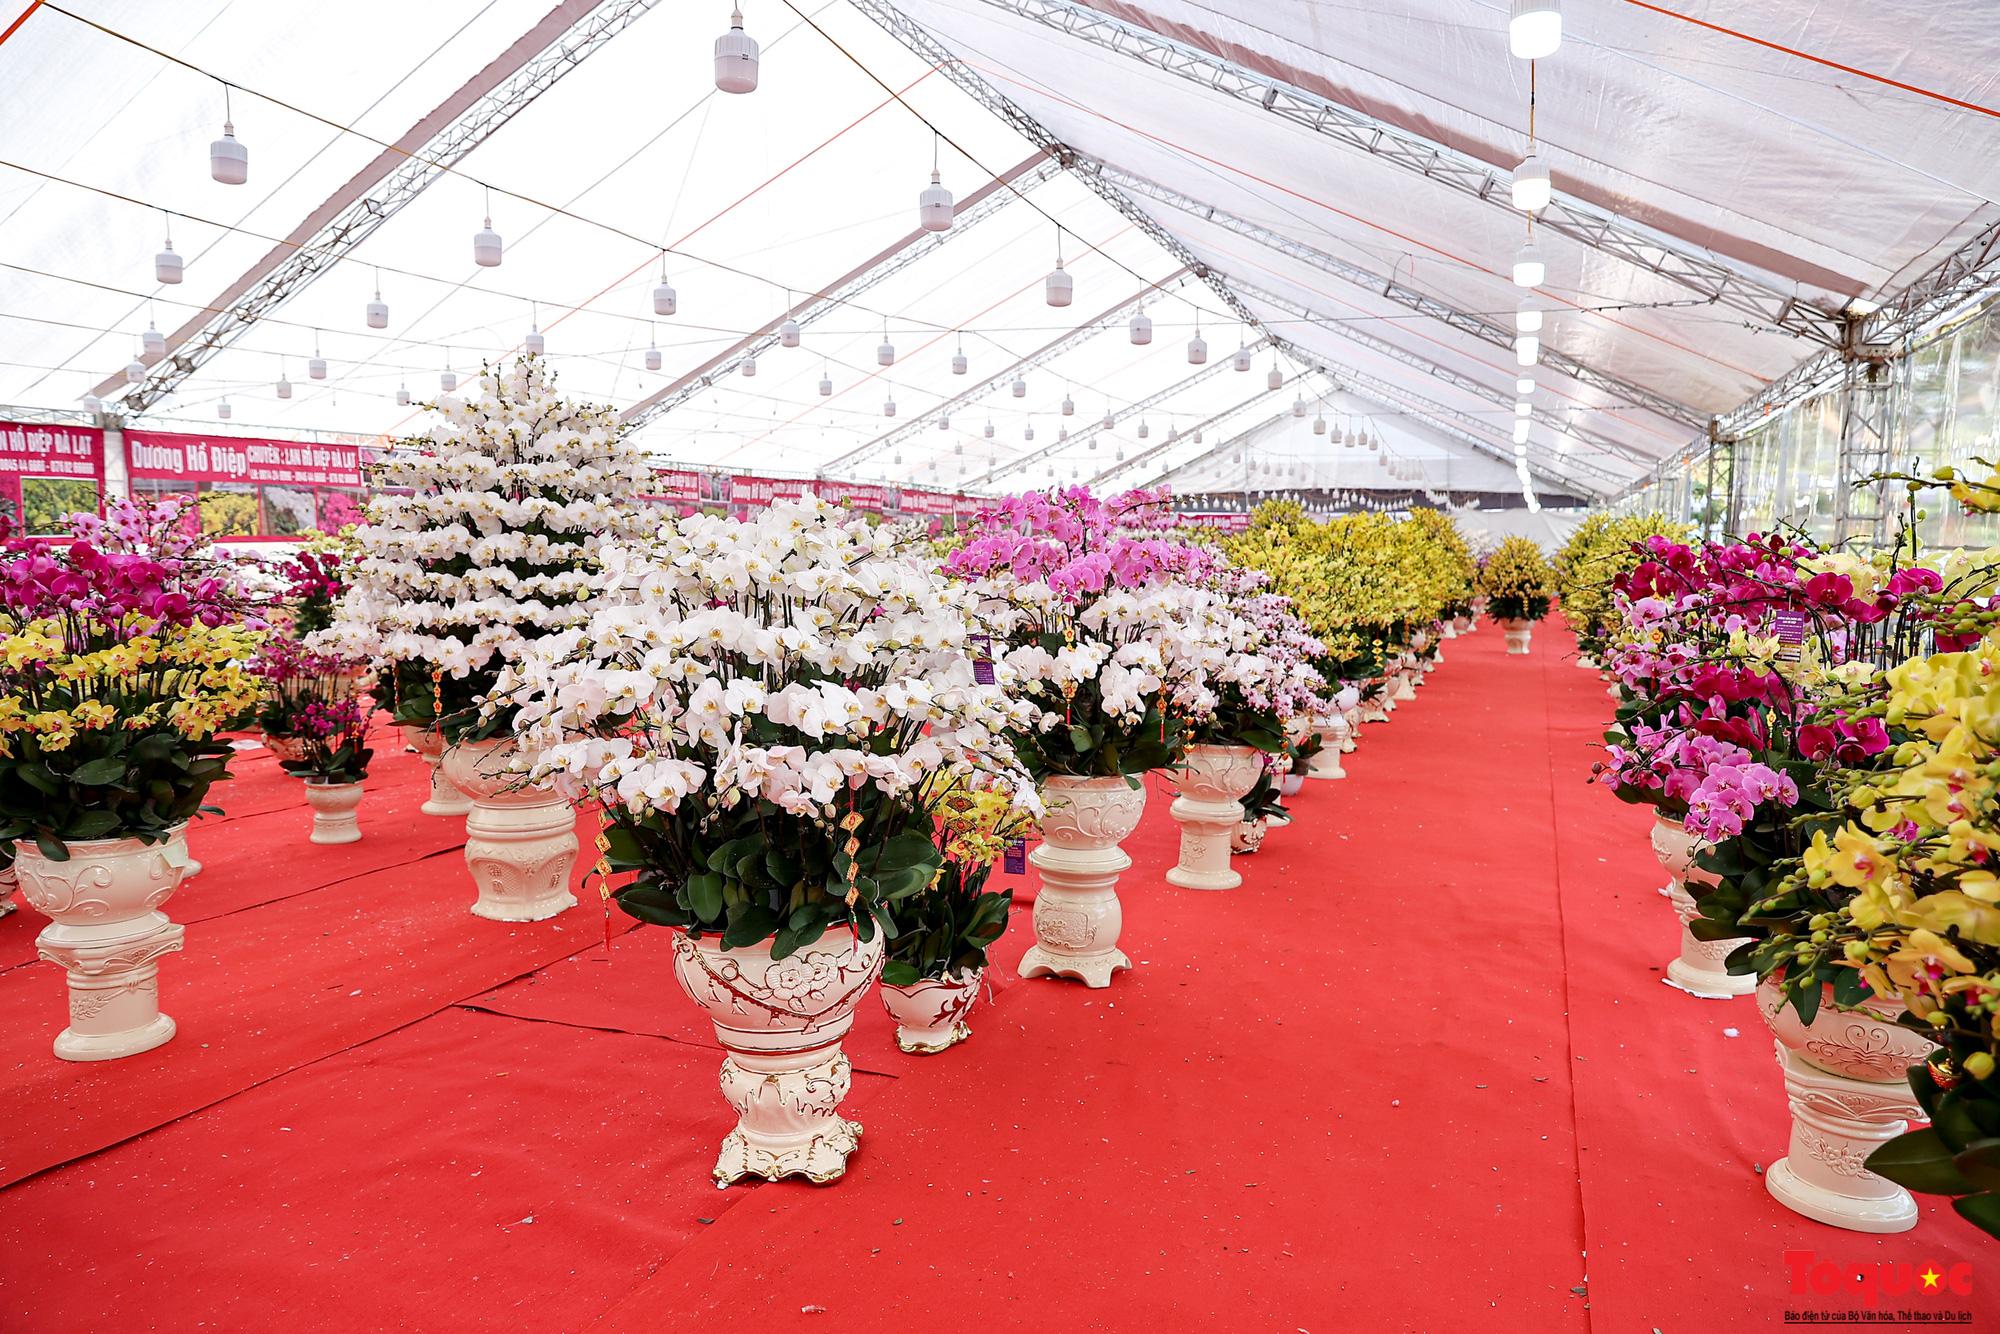 Lan Hồ Điệp giá hàng trăm triệu xuất hiện tại Hà Nội phục vụ Tết Nguyên đán - Ảnh 1.